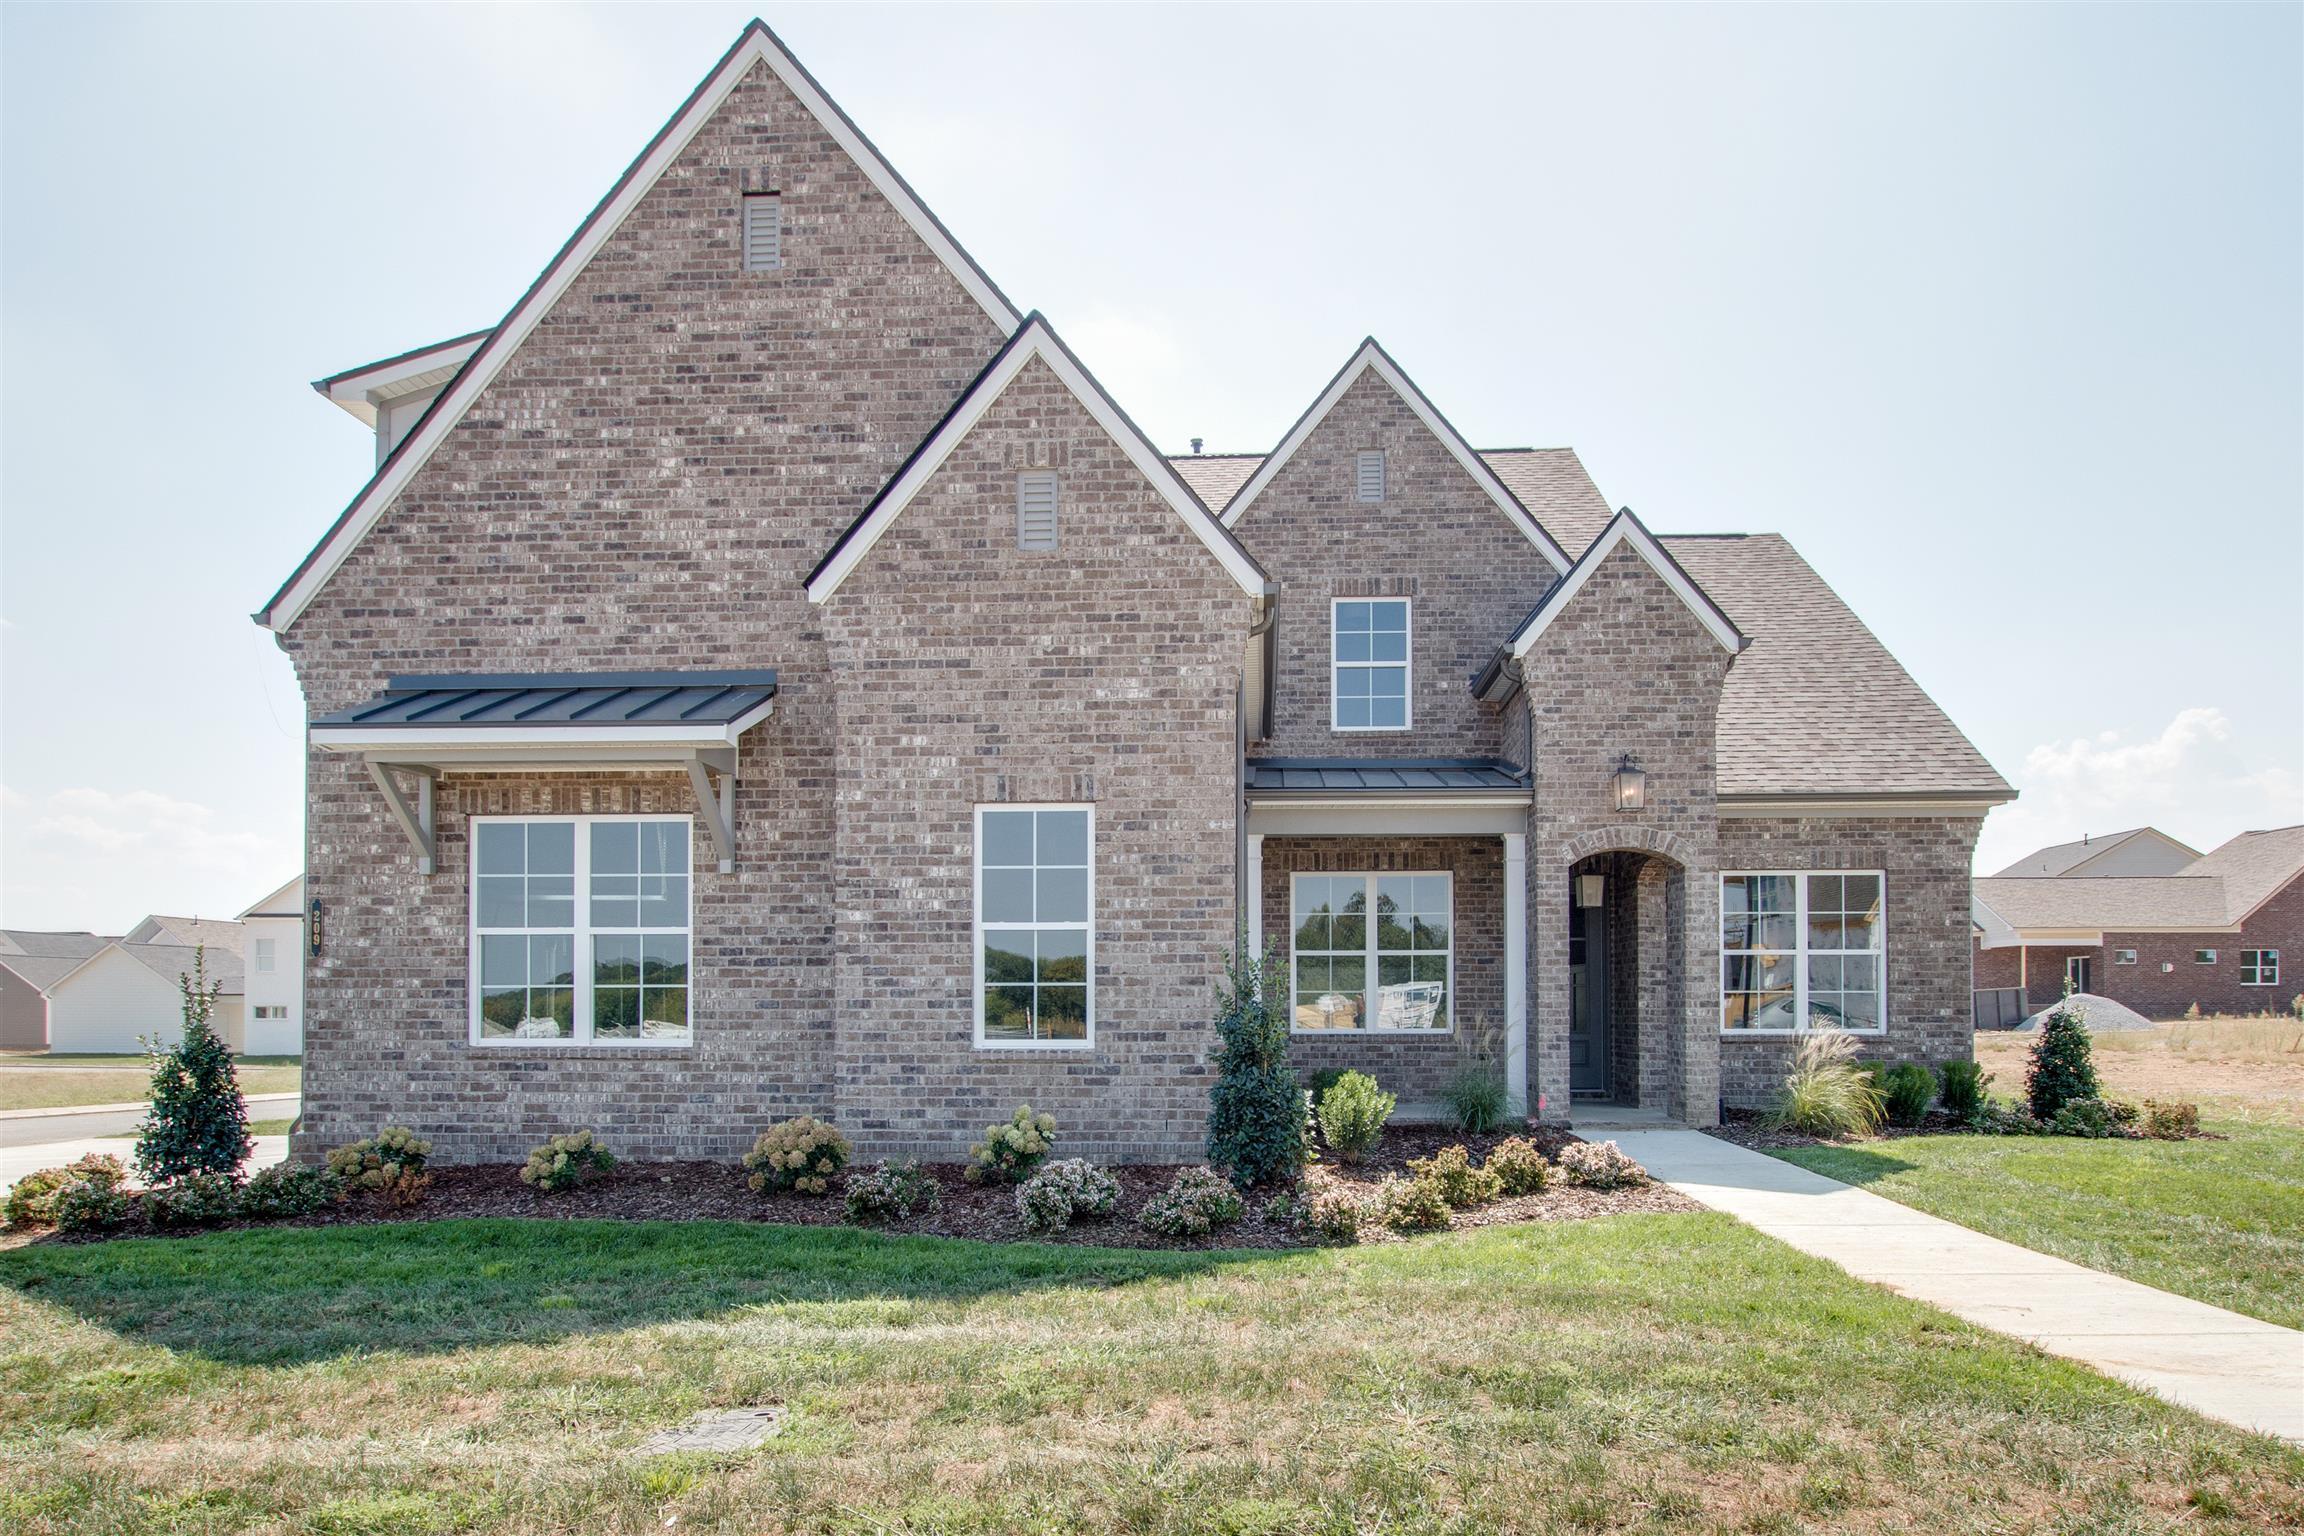 209 Broadgreen Ln., Nolensville, Tennessee